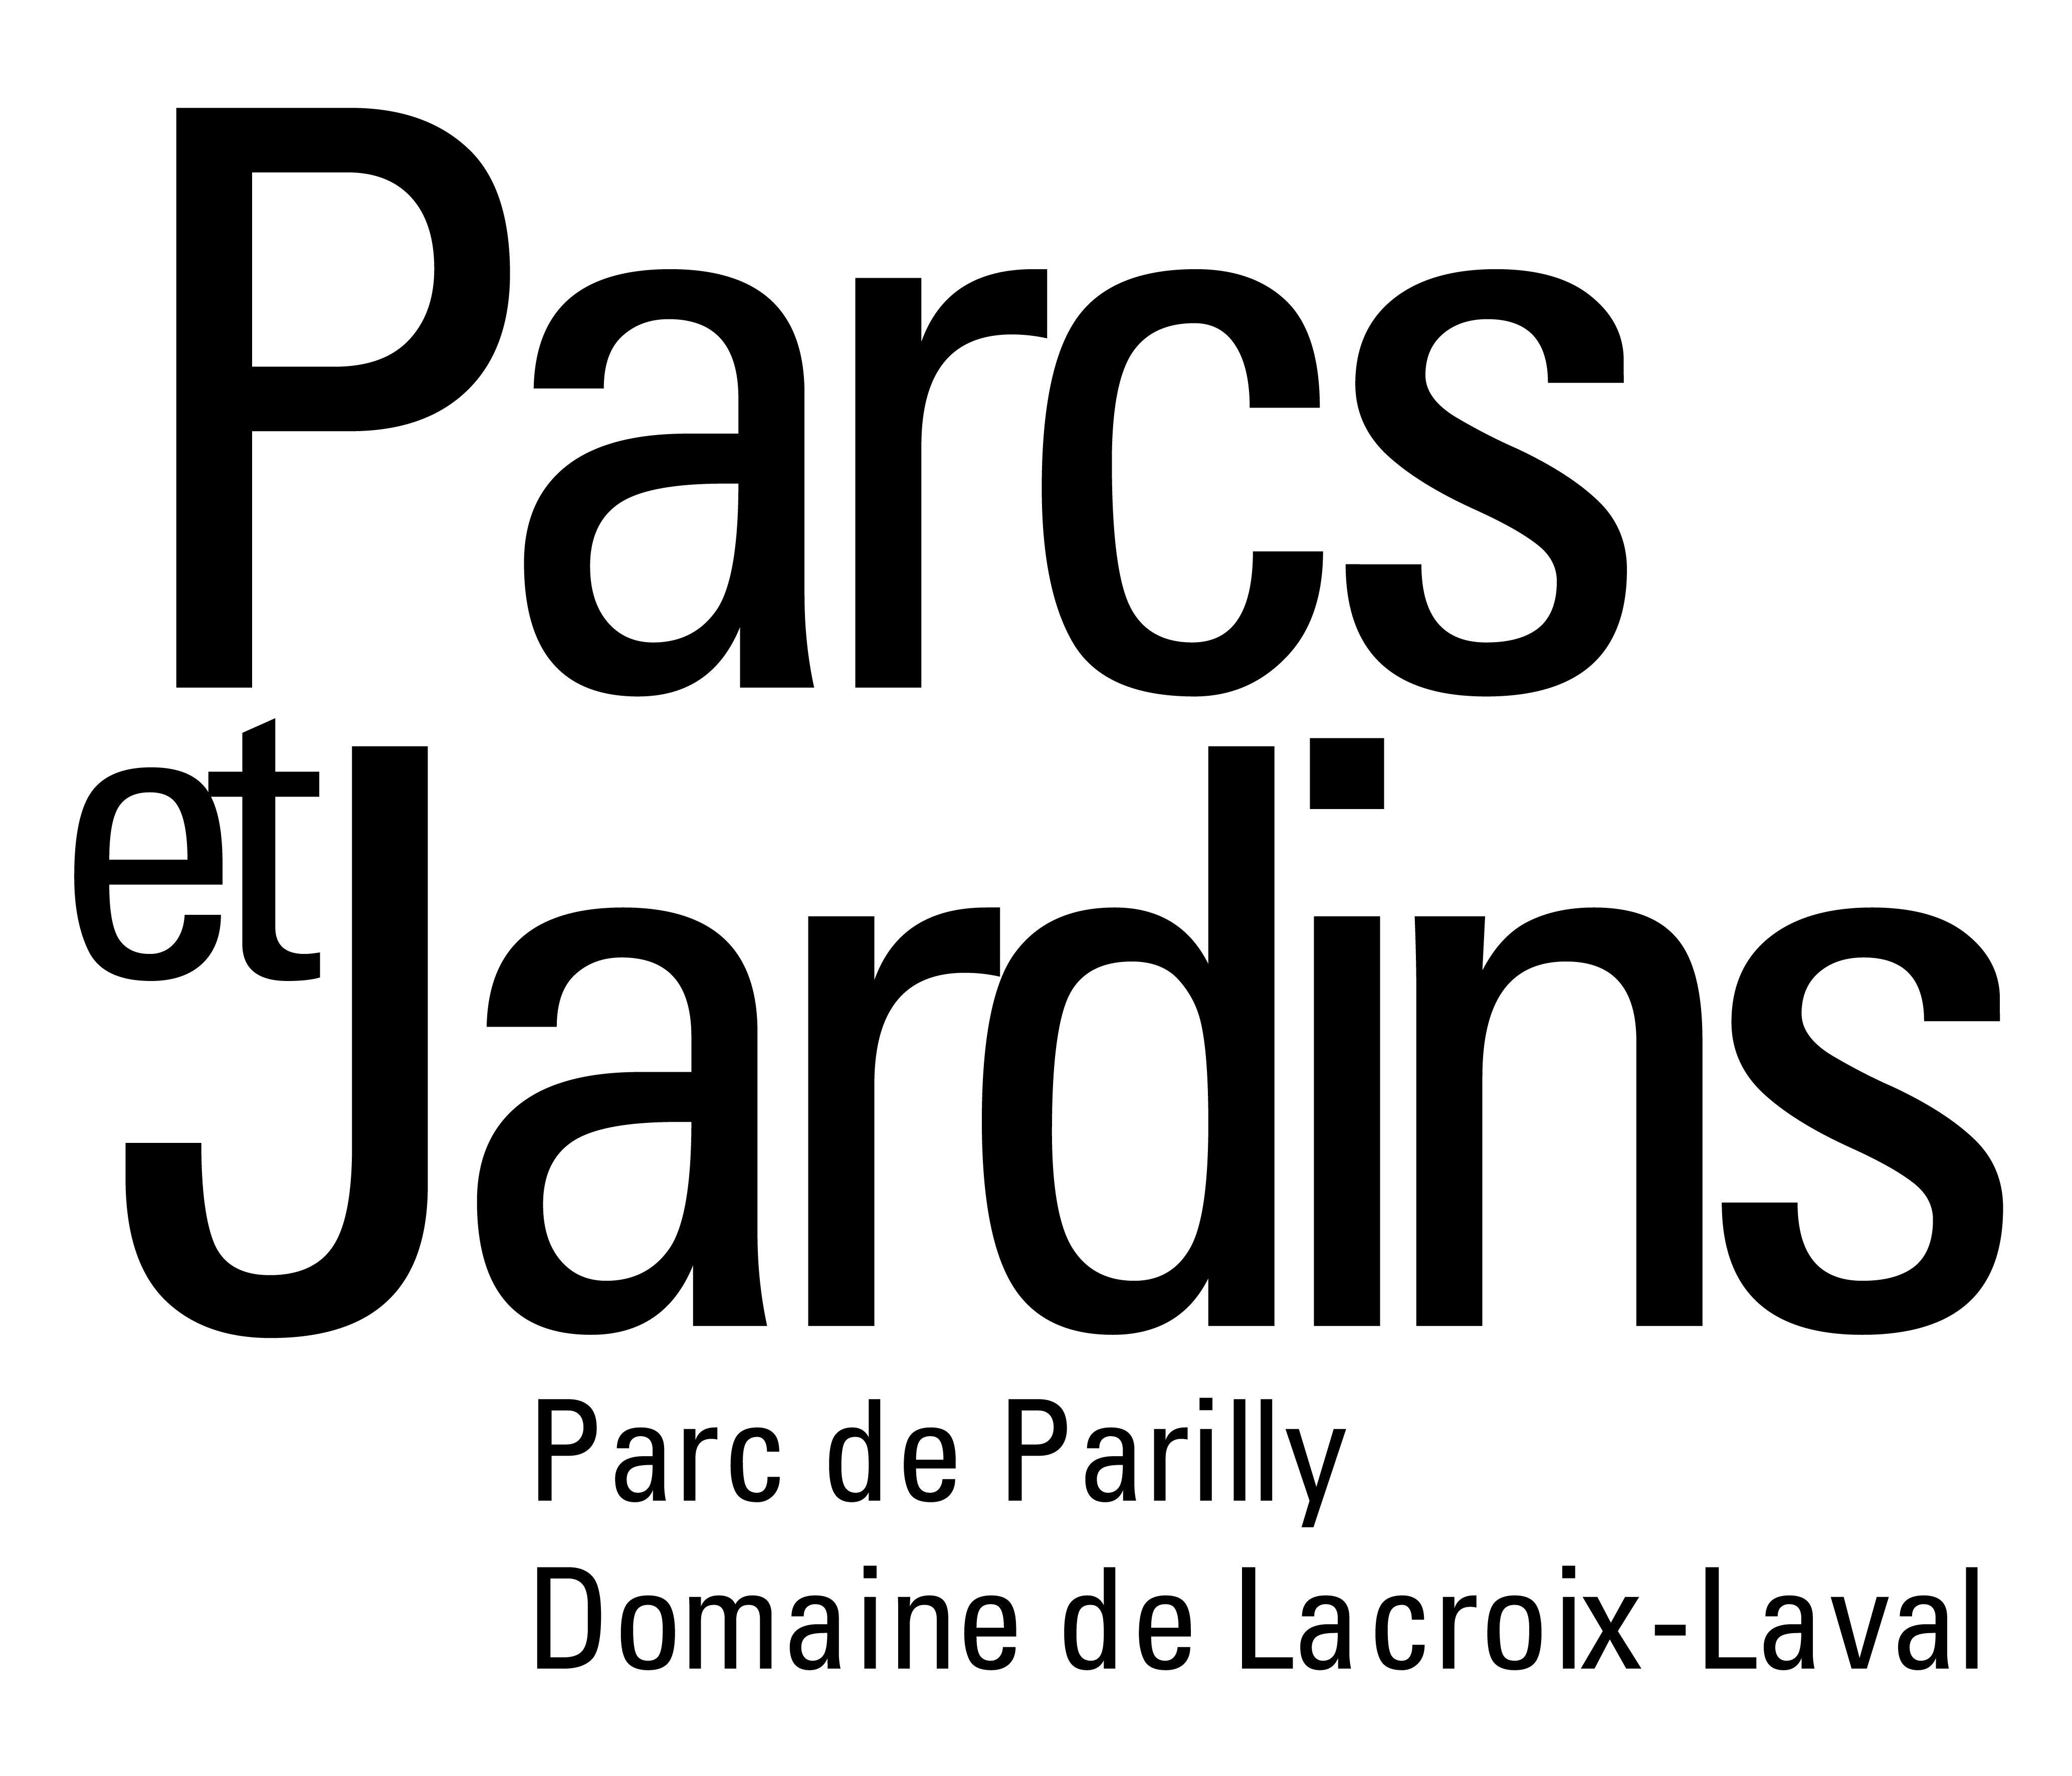 Parcs et jardins LL